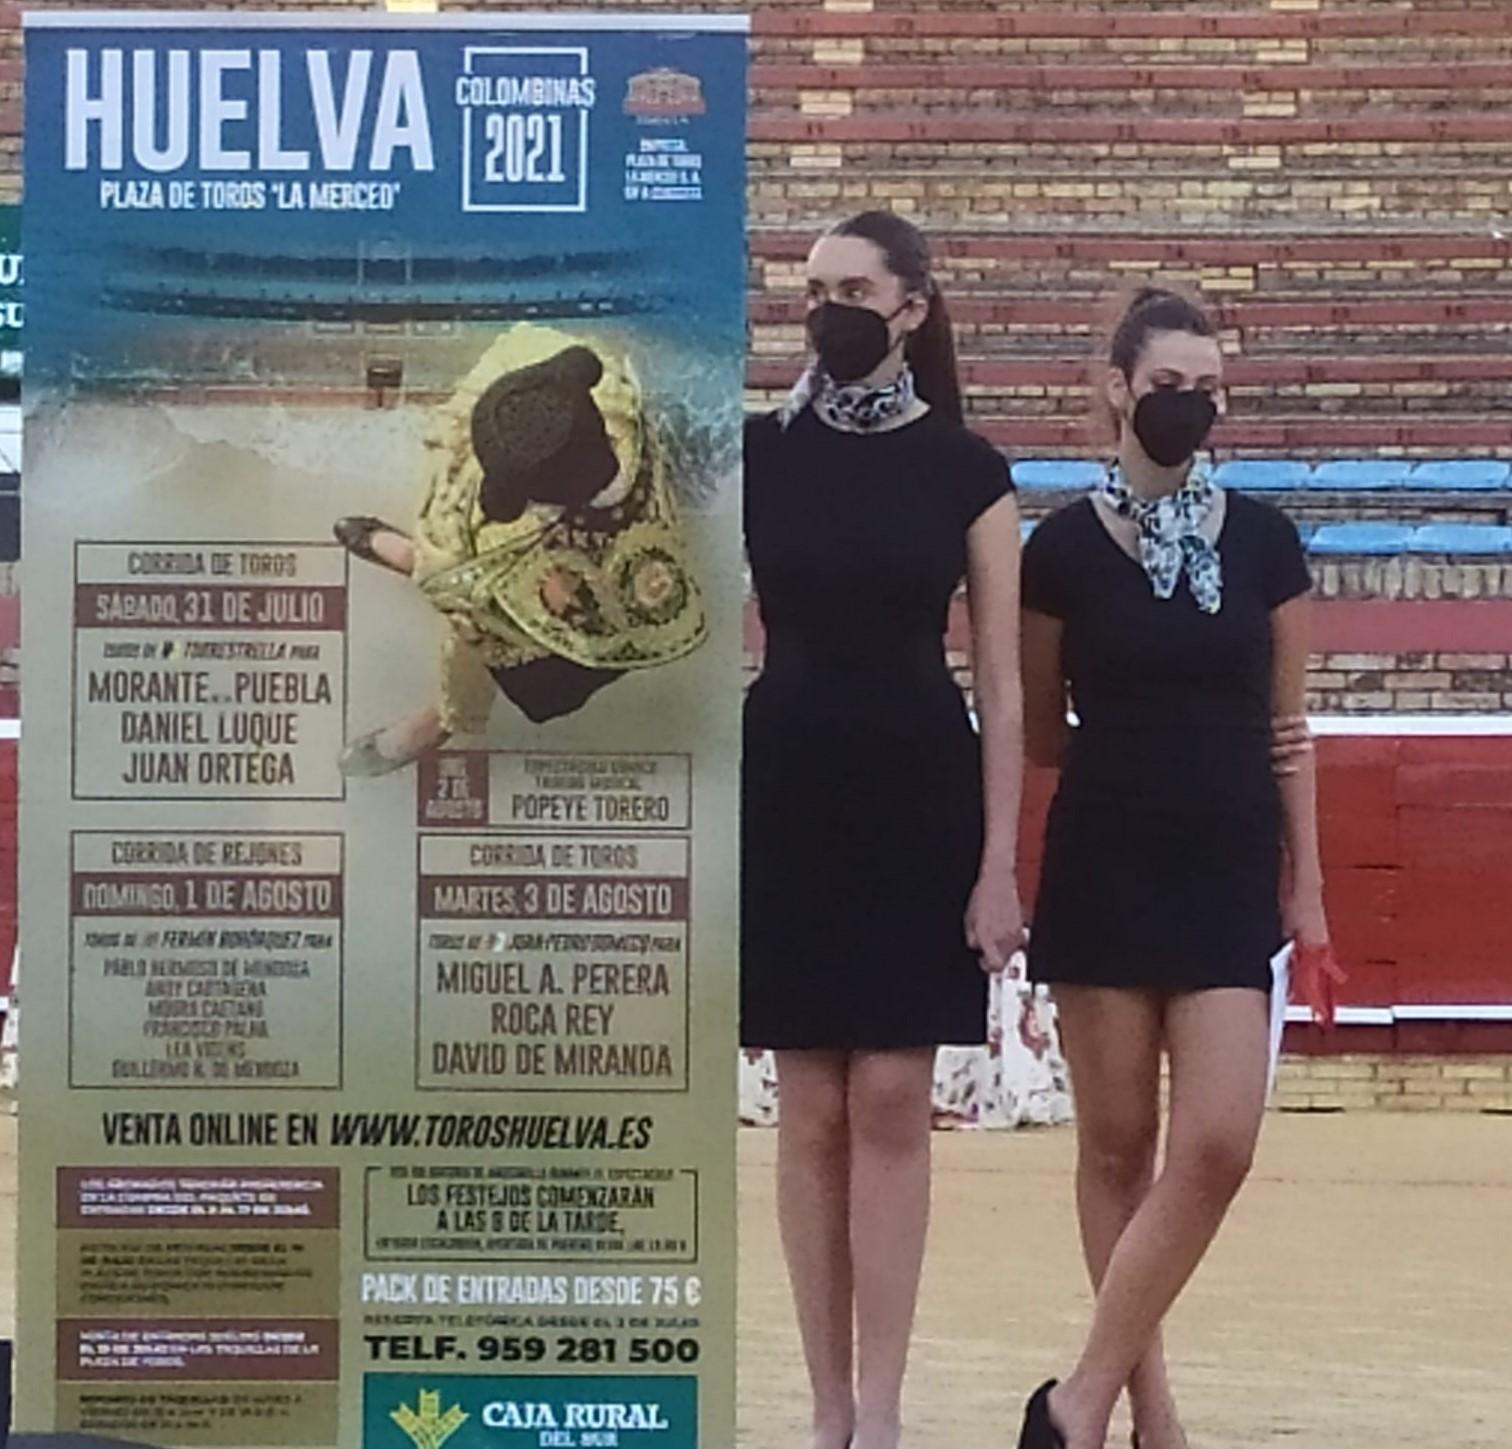 Queremos Saber 02-07-2021 Presentación Feria Taurina Colombinas 20121